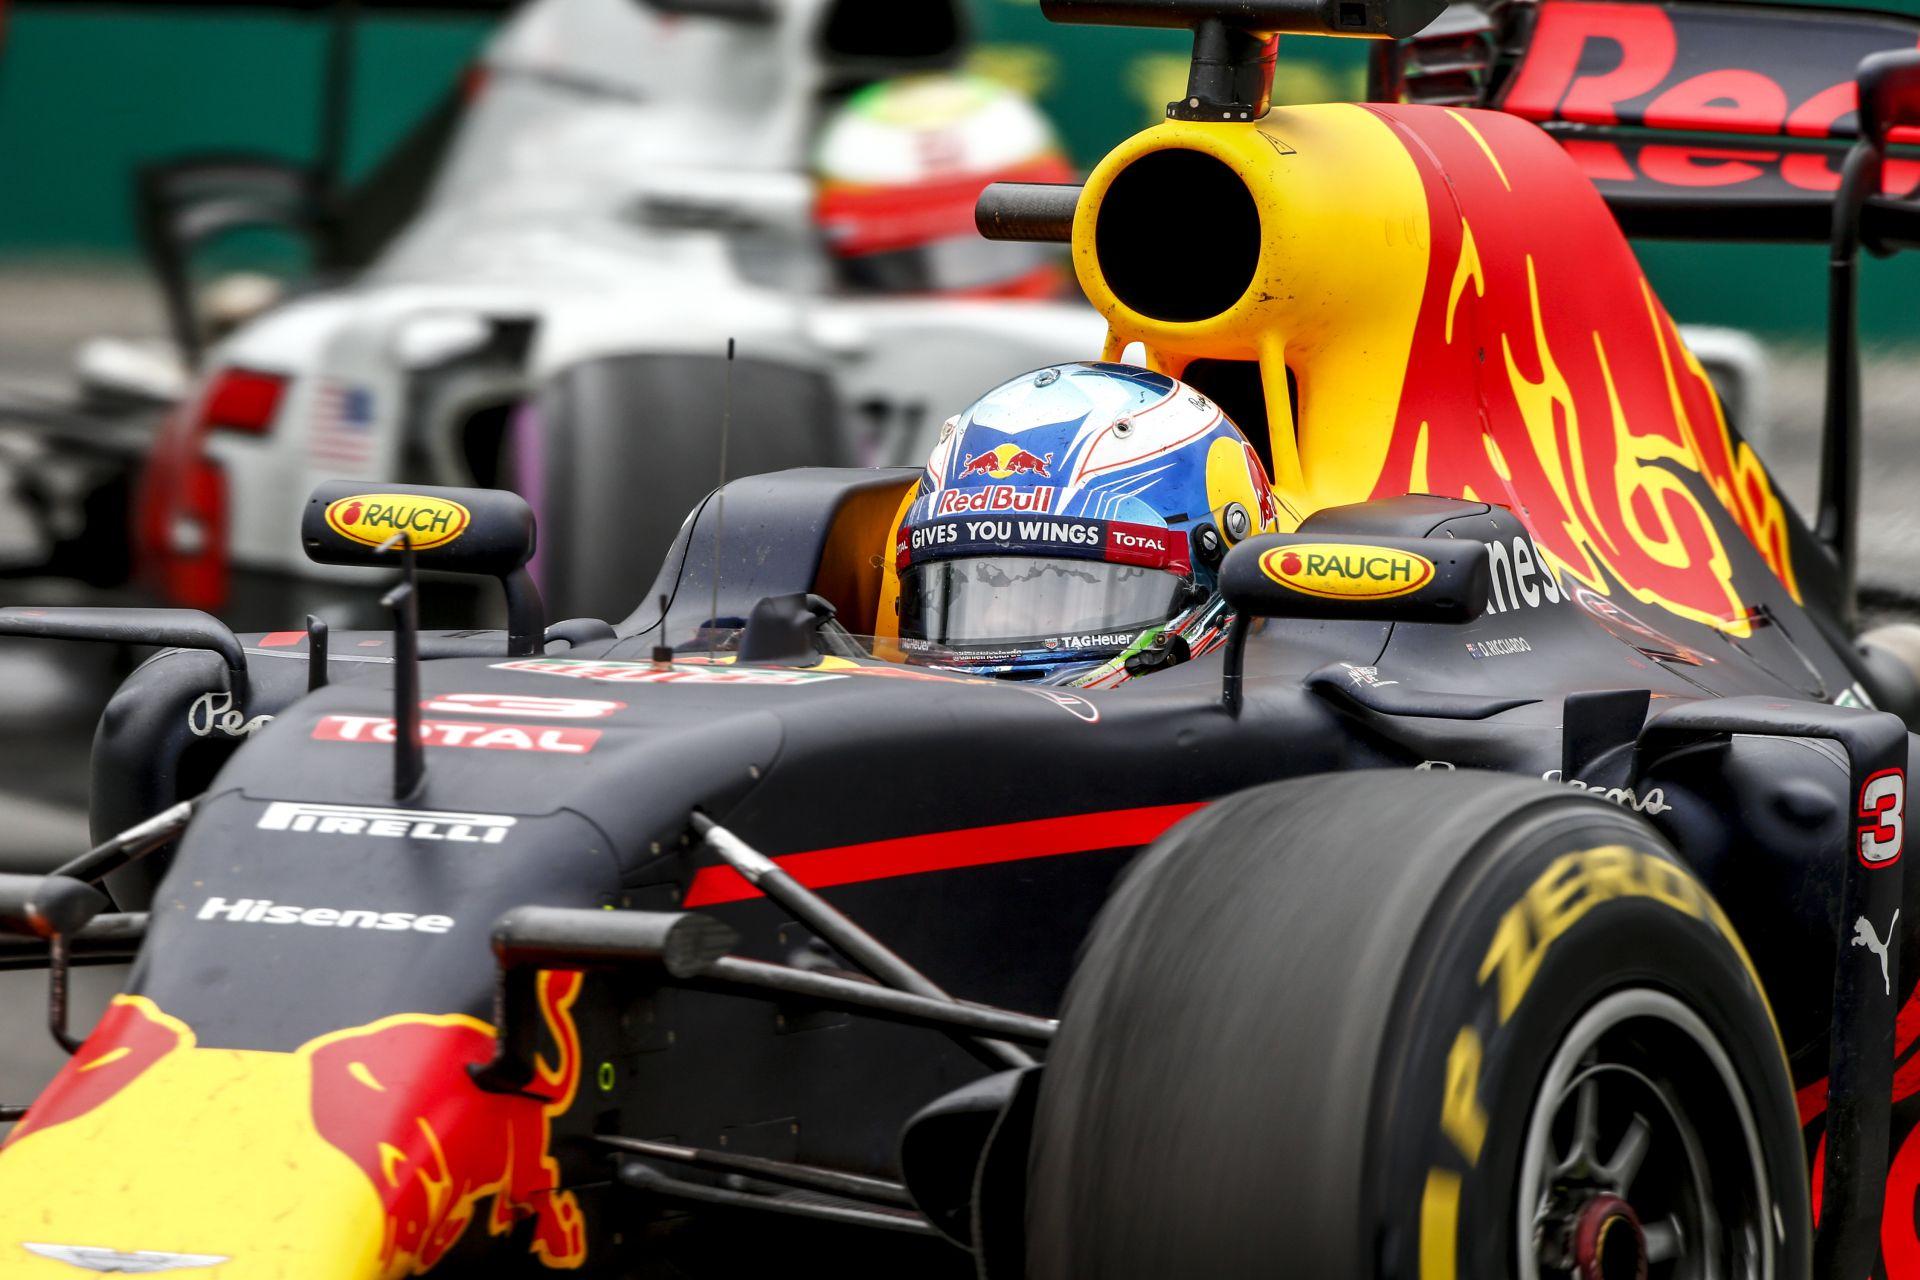 """Nemcsak Verstappen tud komolyan autót törni a Red Bullnál: akkor most Ricciardo is """"béna""""?"""